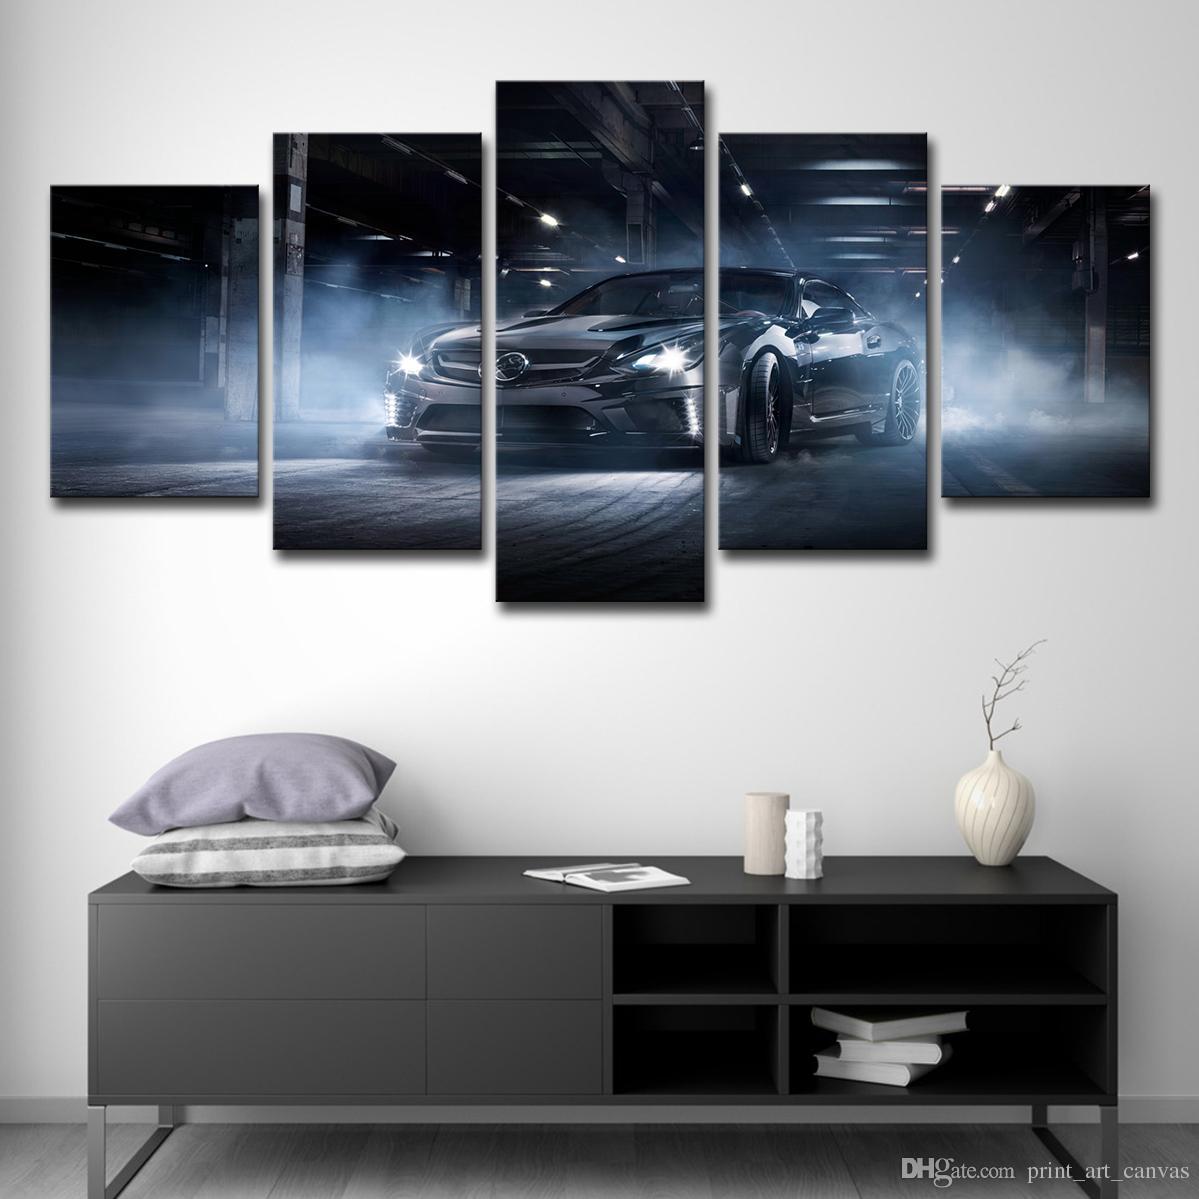 Moderne Leinwand Wand Kunst Poster Home Decor 5 Stücke Schwarz Coole Auffällige Sport Auto Gemälde Hd Drucke Modularen Bilder